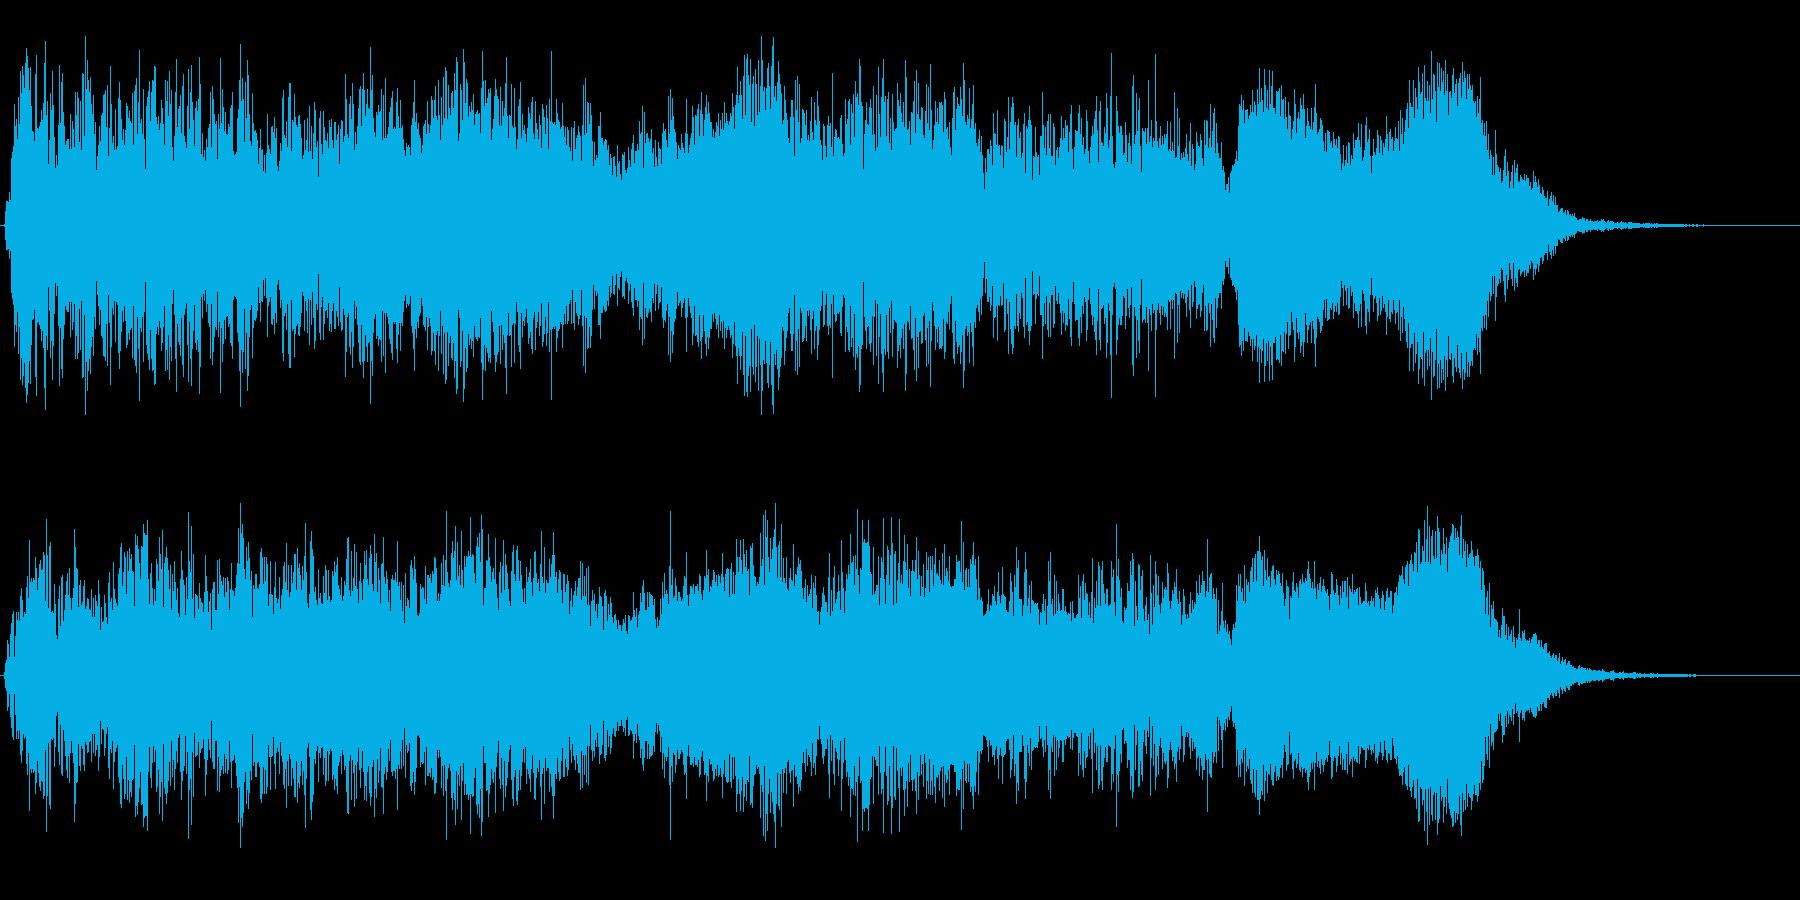 データコンプレックスの再生済みの波形